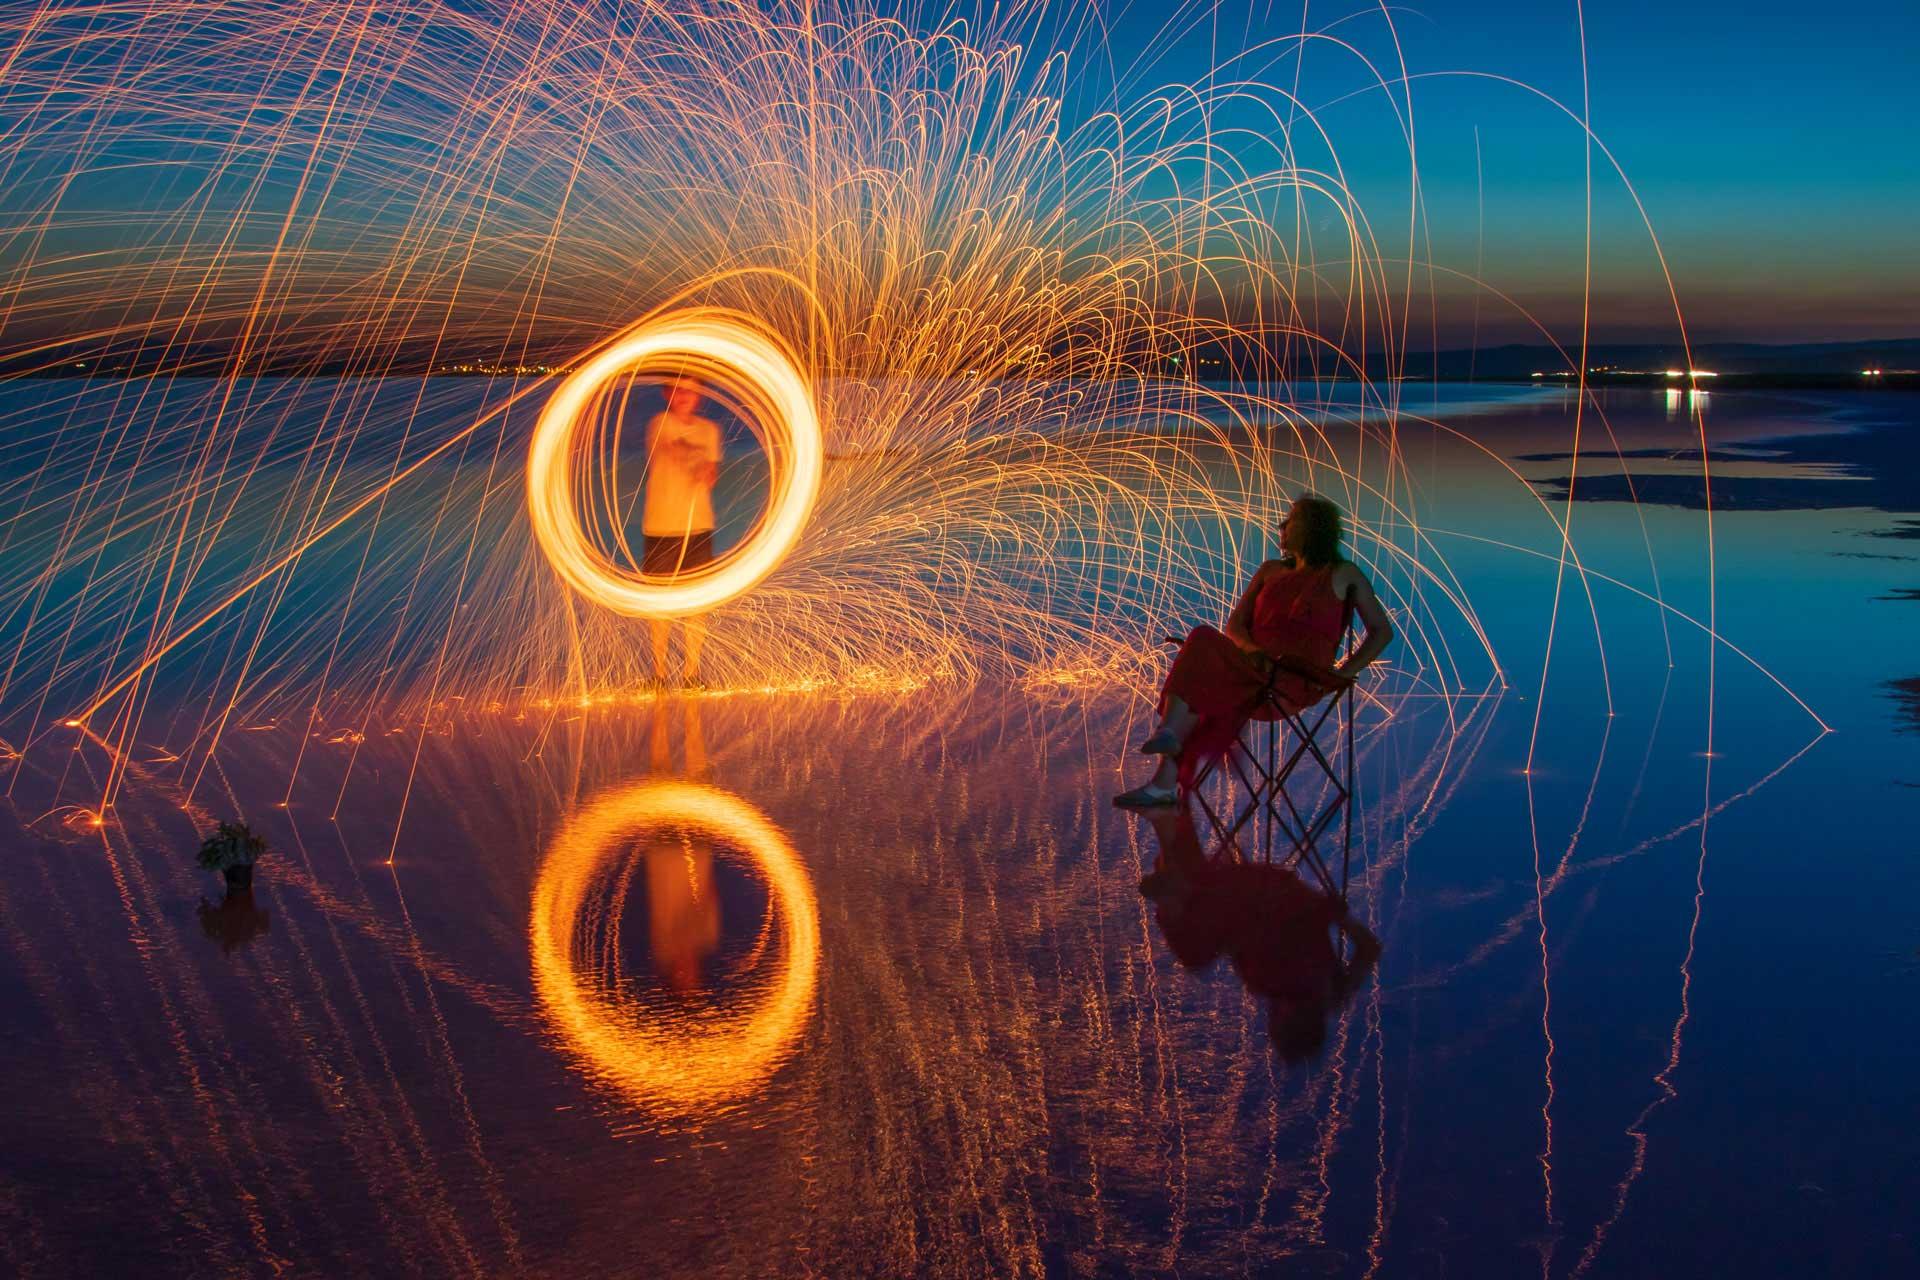 Tuz Gölü Fotoğrafları Tuz gölü resimleri mavi saatlerde steel wool çekimleri Çekergezer Hakan Aydın Fotoğrafları Tuz Gölü görselleri